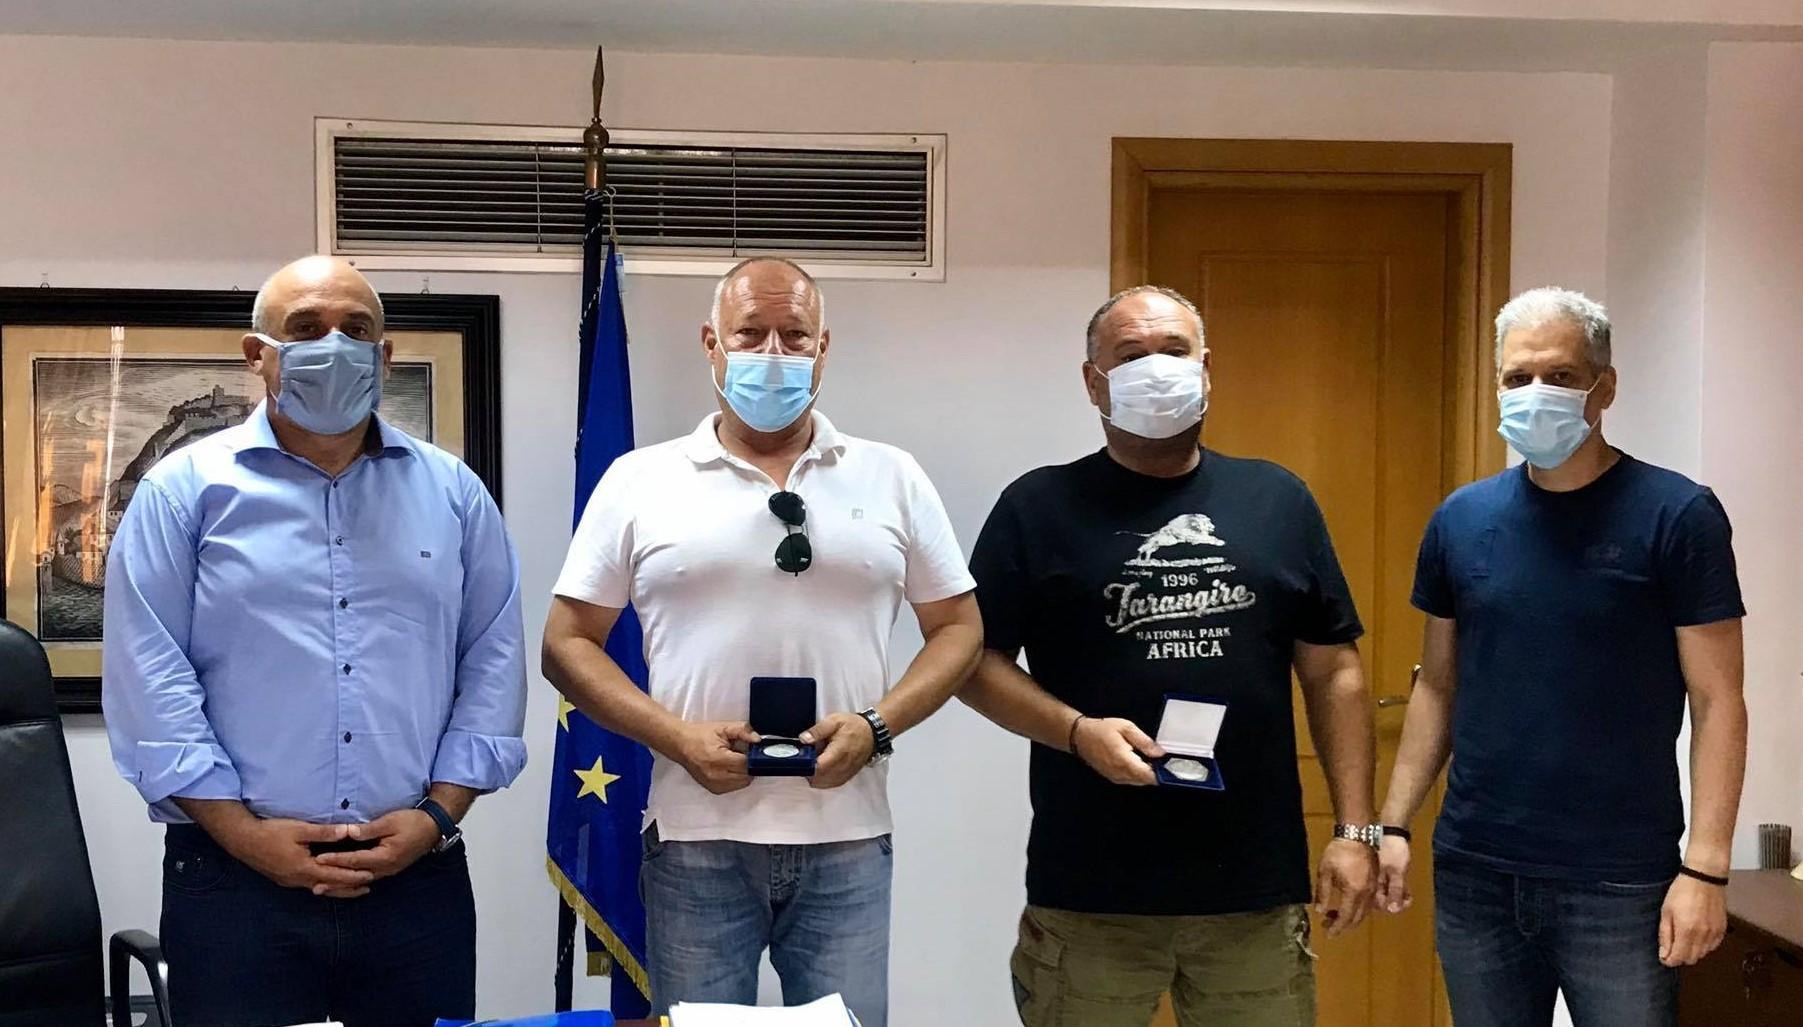 Διάσωση στο Αντίρριο: Τον Καπετάνιο και τον Μηχανικό του ferry boat τίμησε ο Δήμαρχος Ναυπακτίας